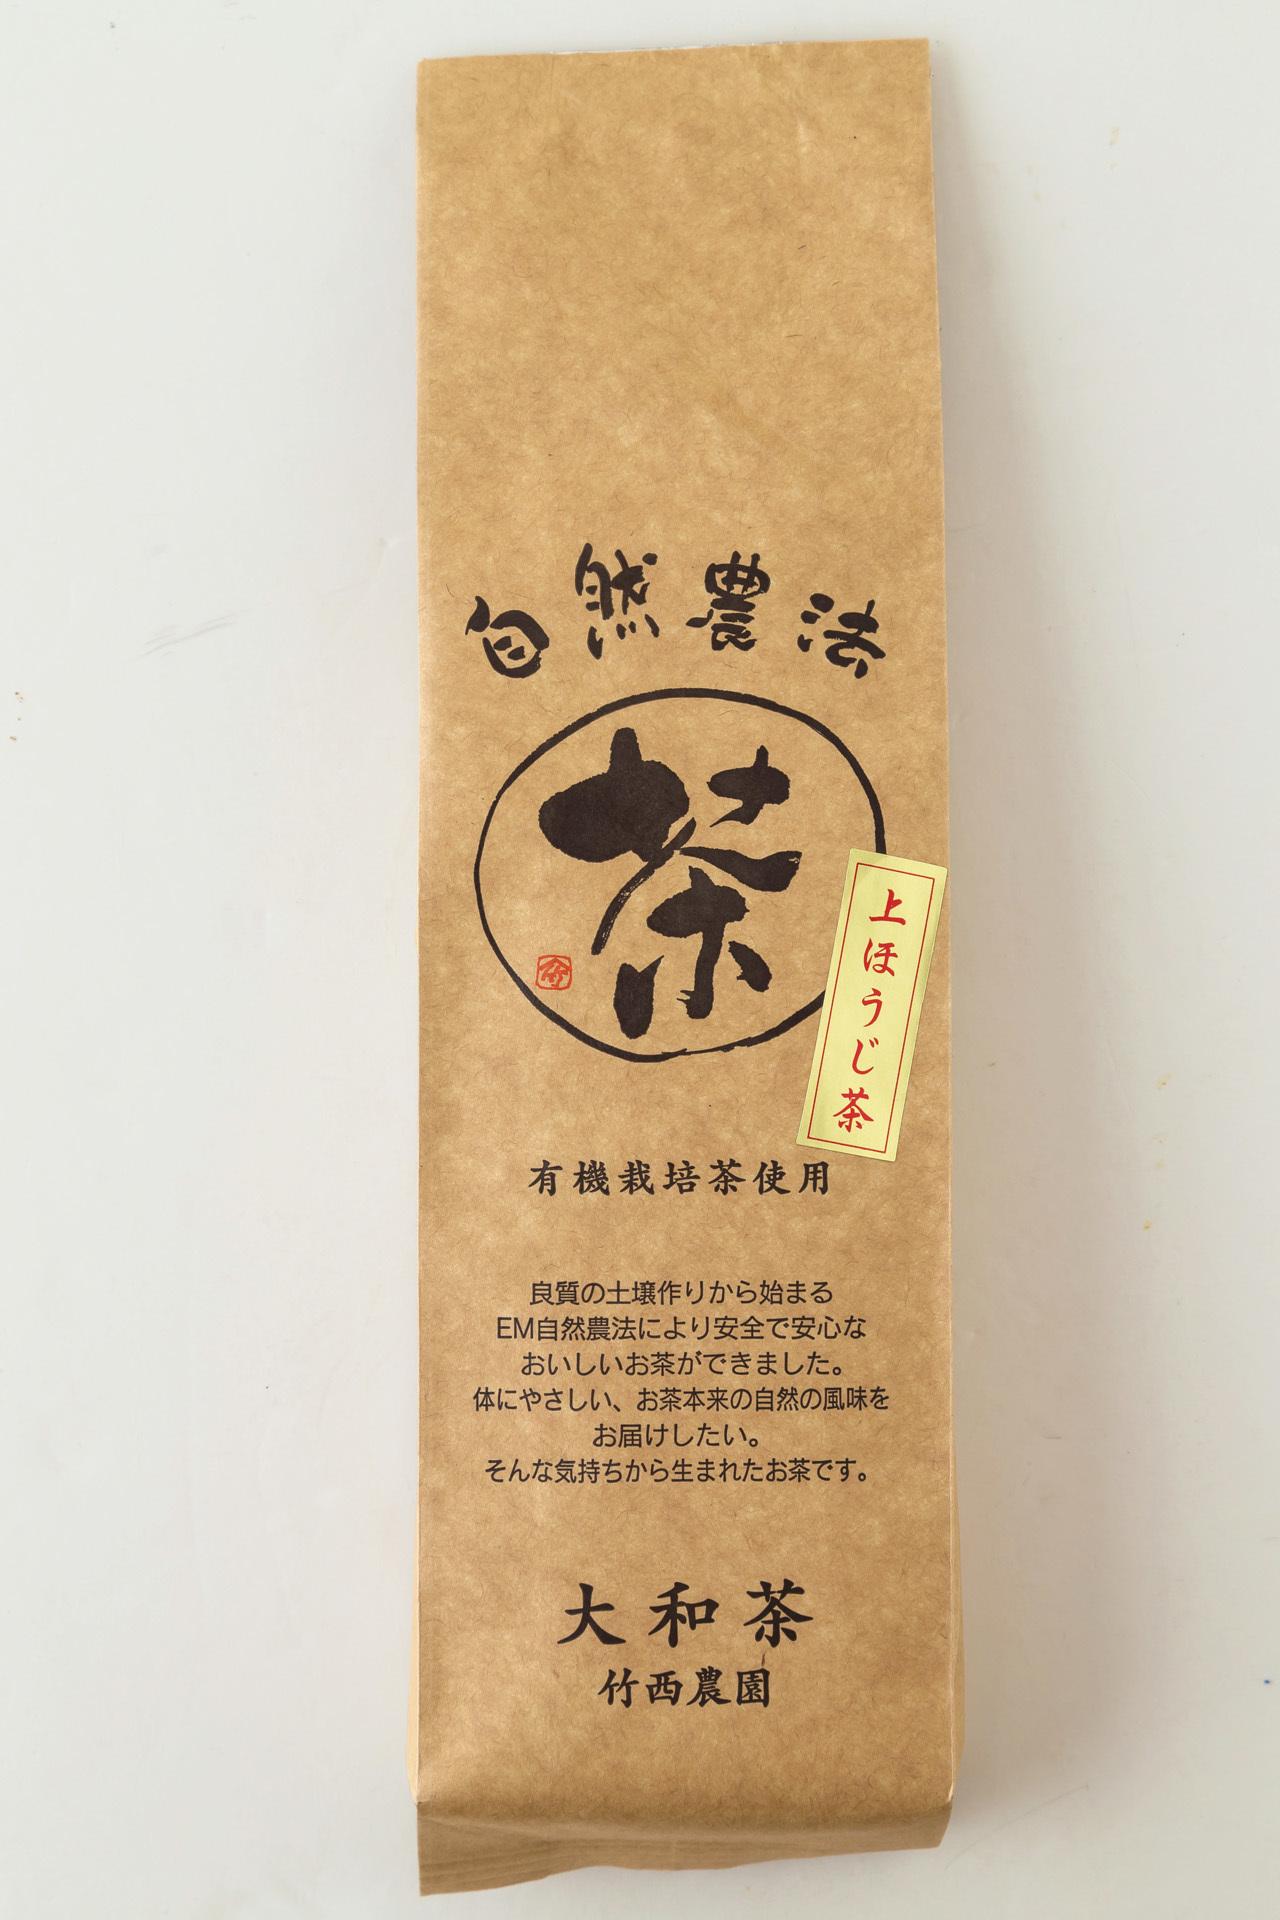 大和の山間部でつくられた安心安全美味な極上茶  竹西農園の「大和茶 上ほうじ茶」_1_1